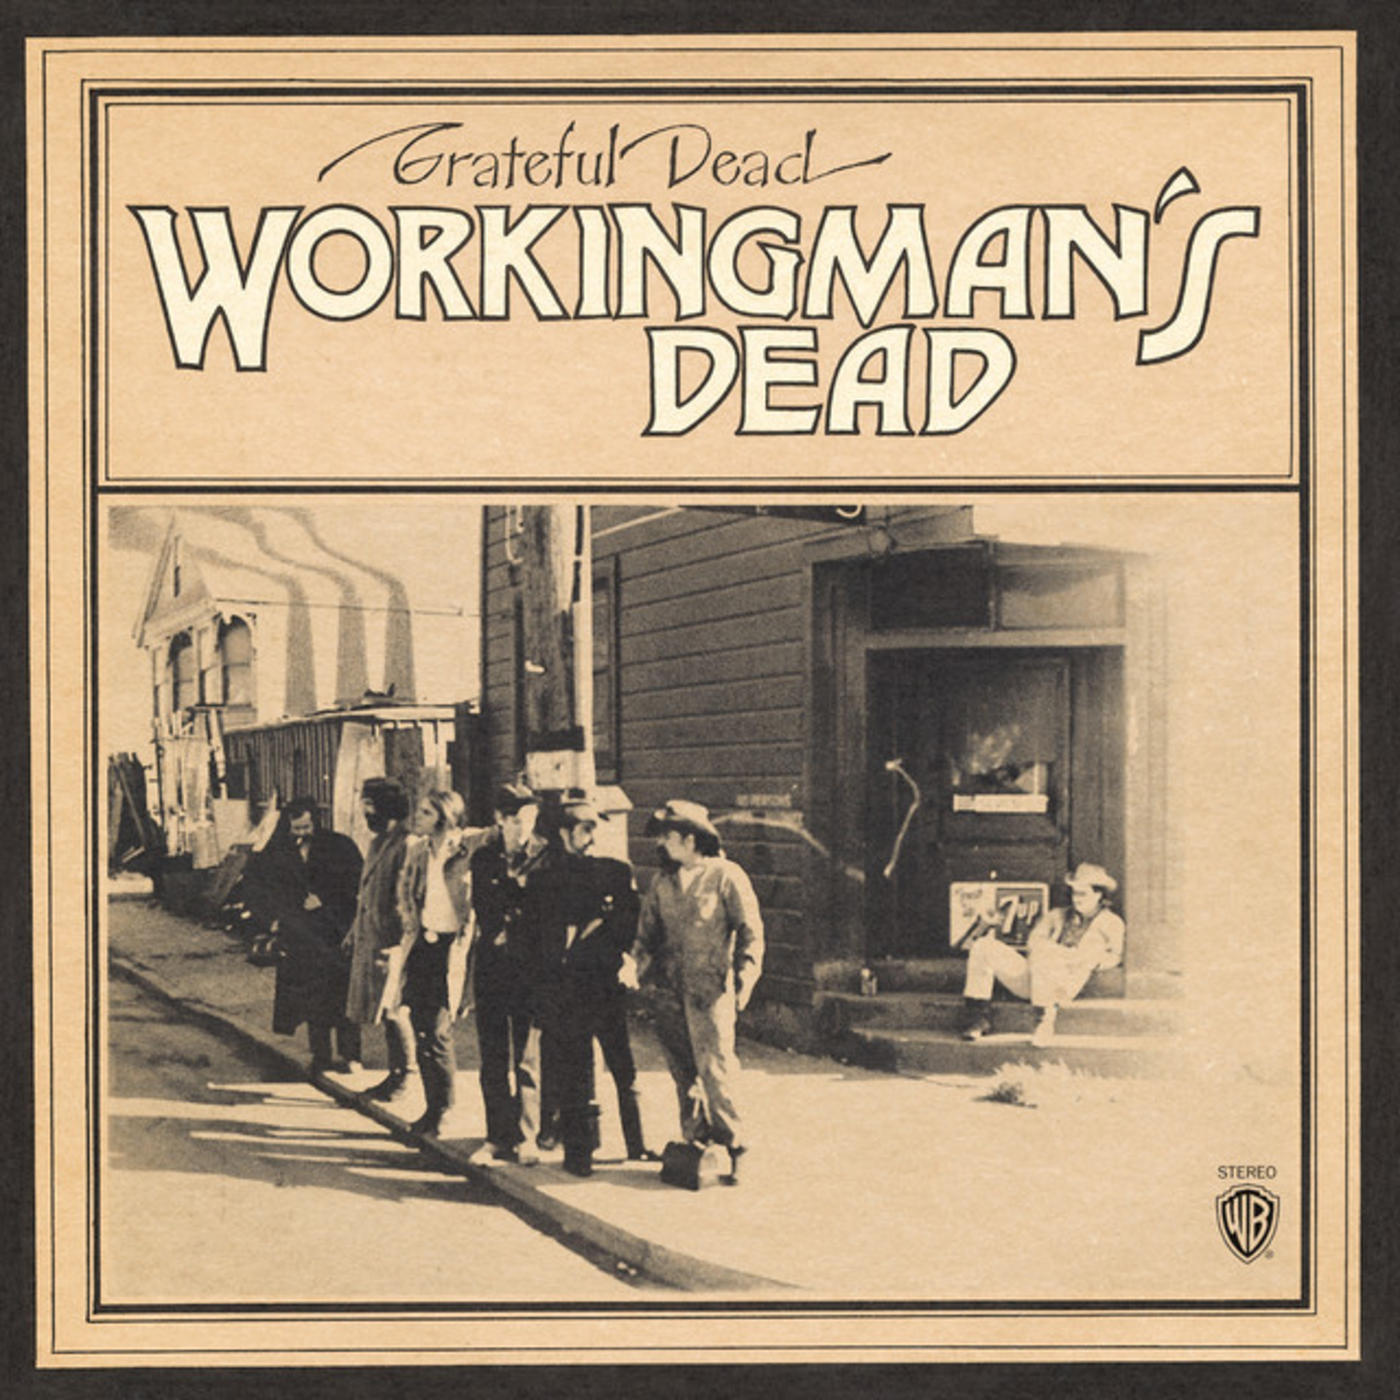 GRATEFUL DEAD WORKINGMANS